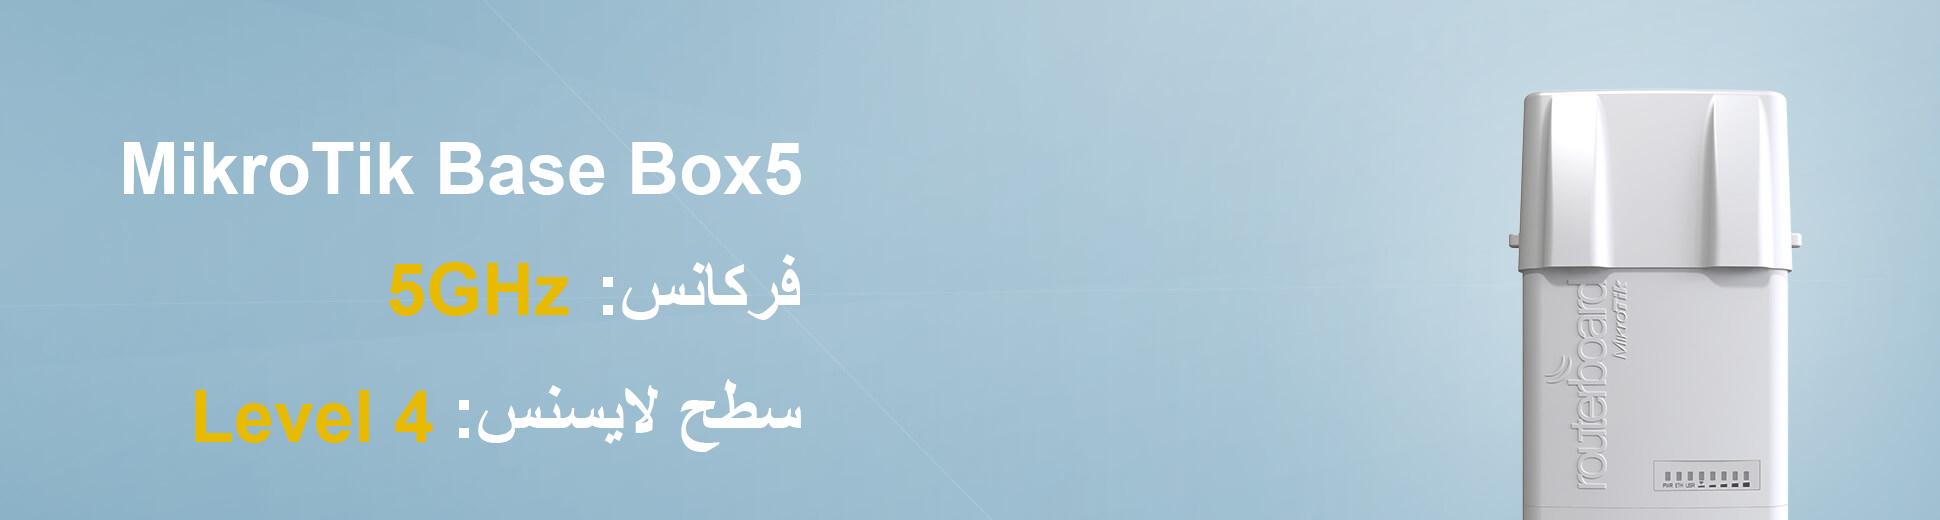 فرکانس دستگاه basebox 5